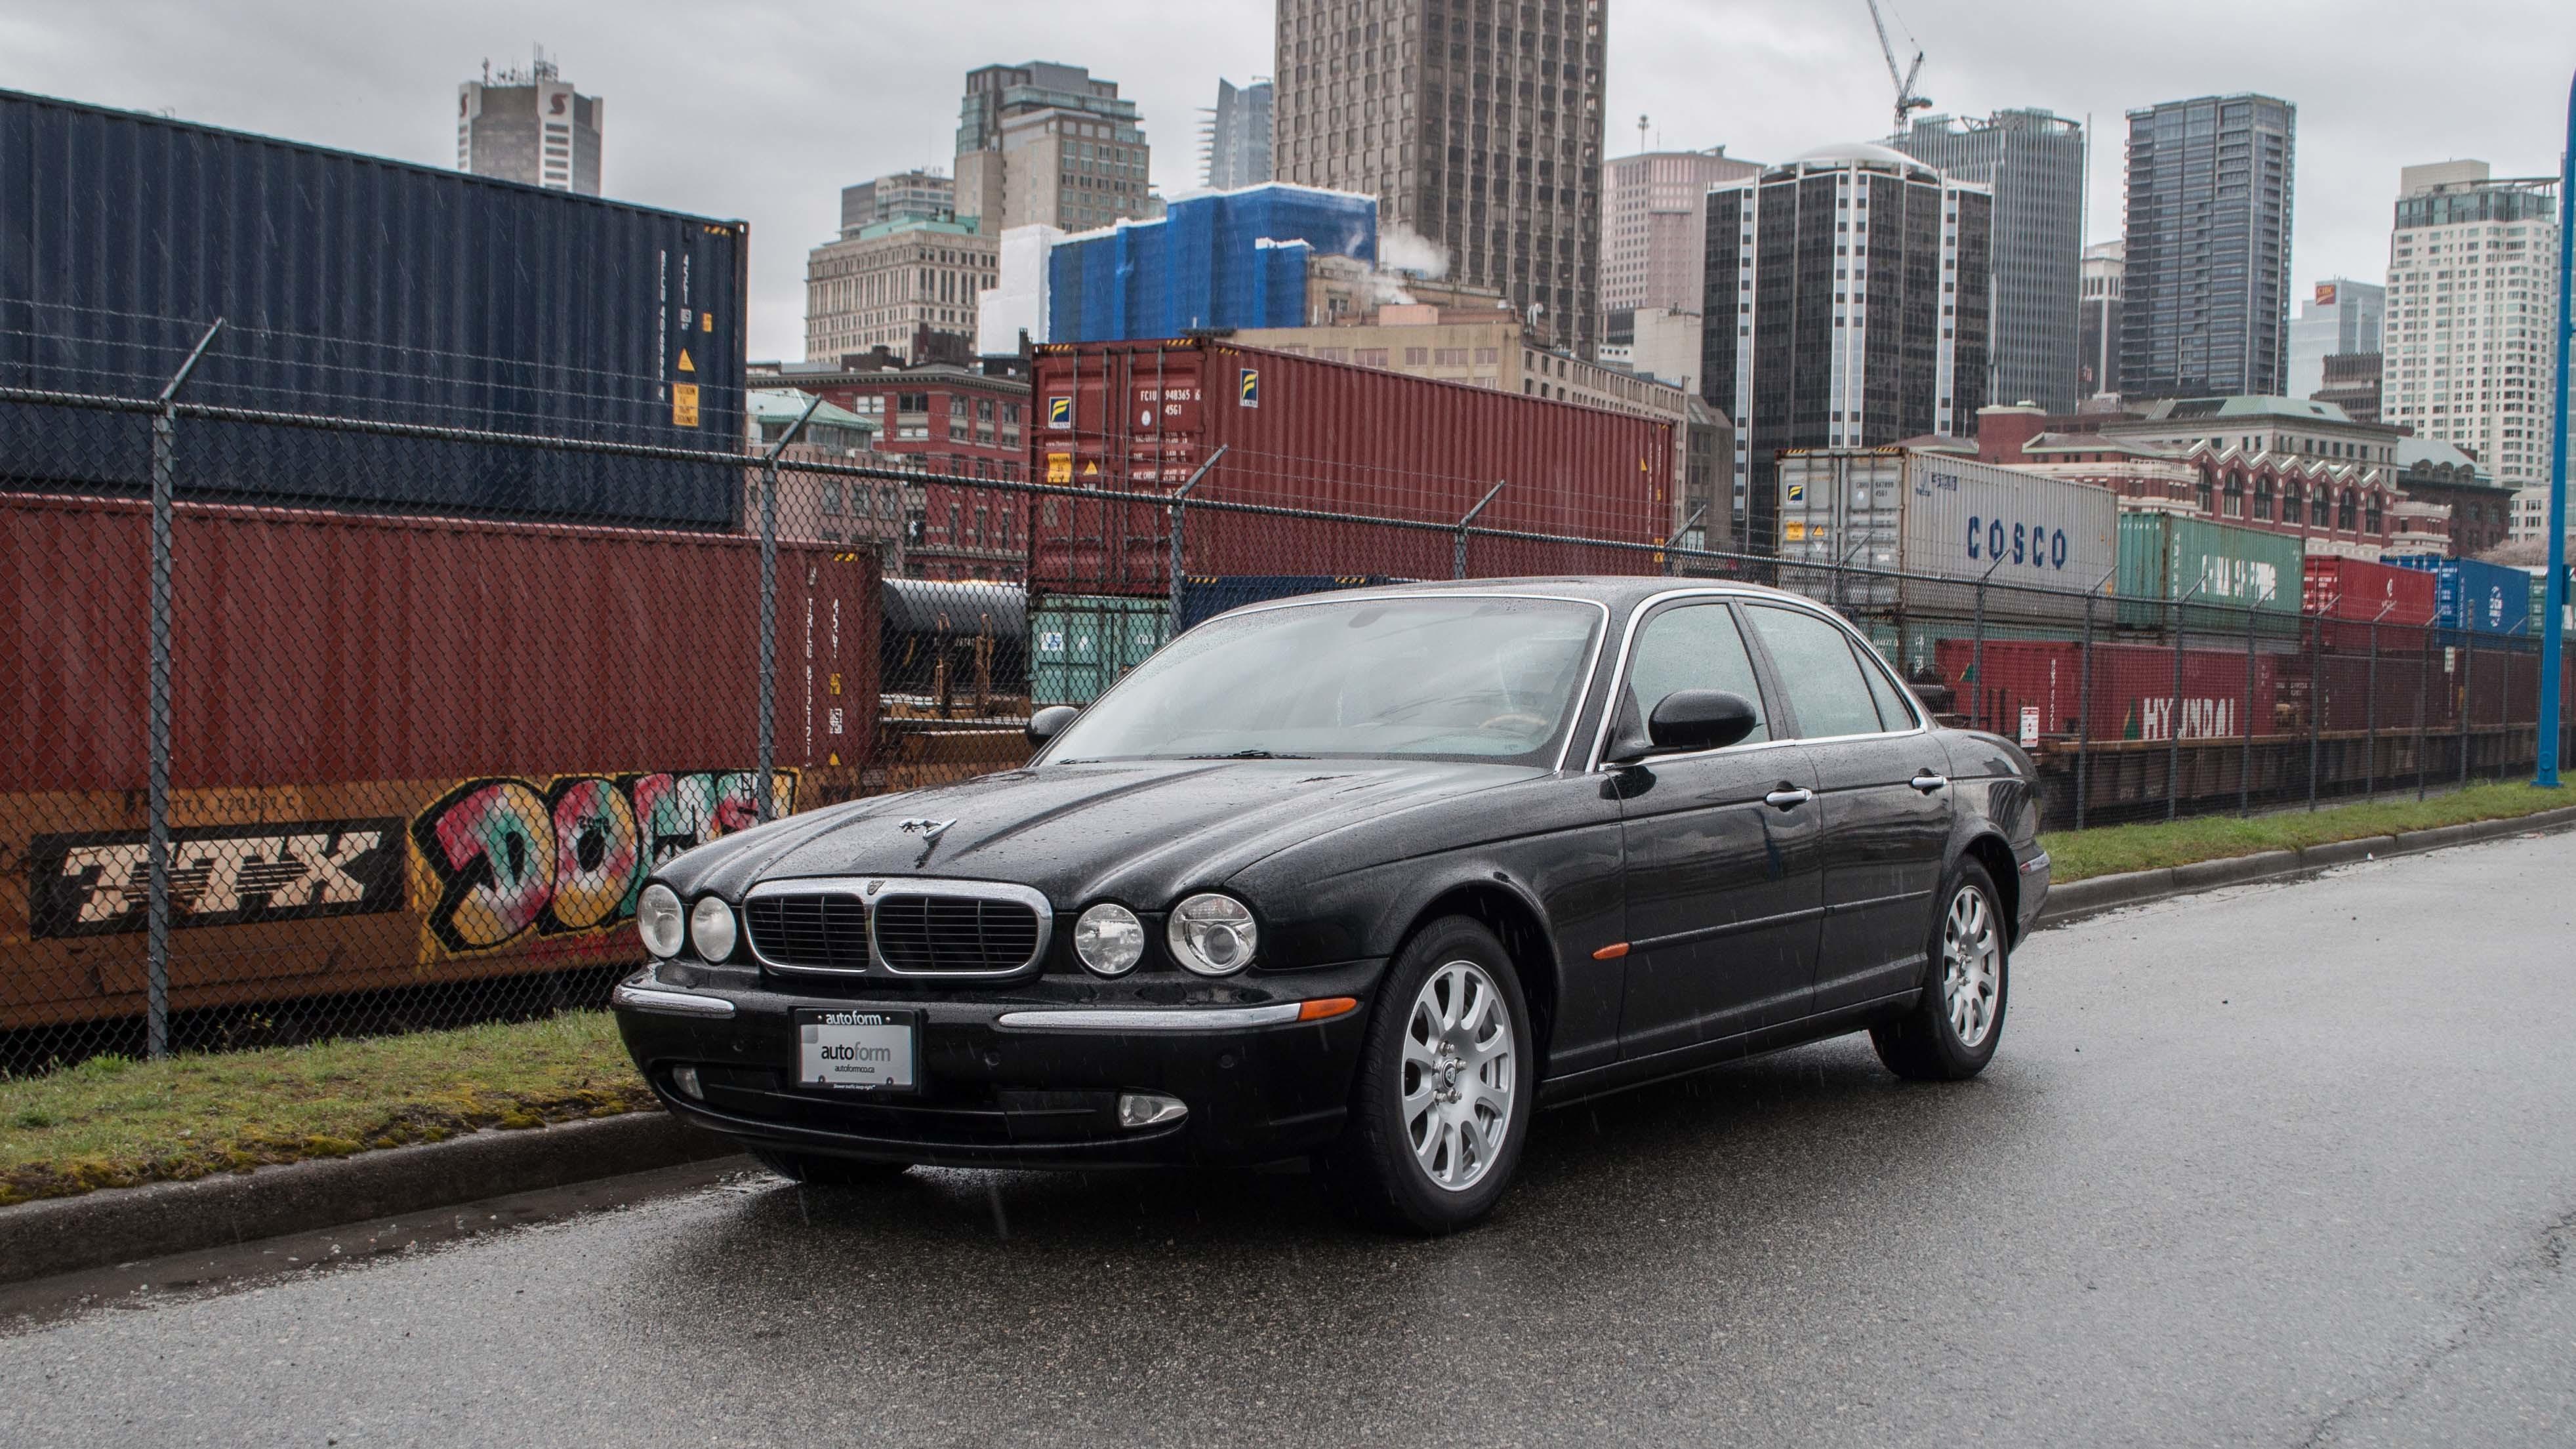 6434 bcc606681d522004 jaguar xj vancouver autoform10